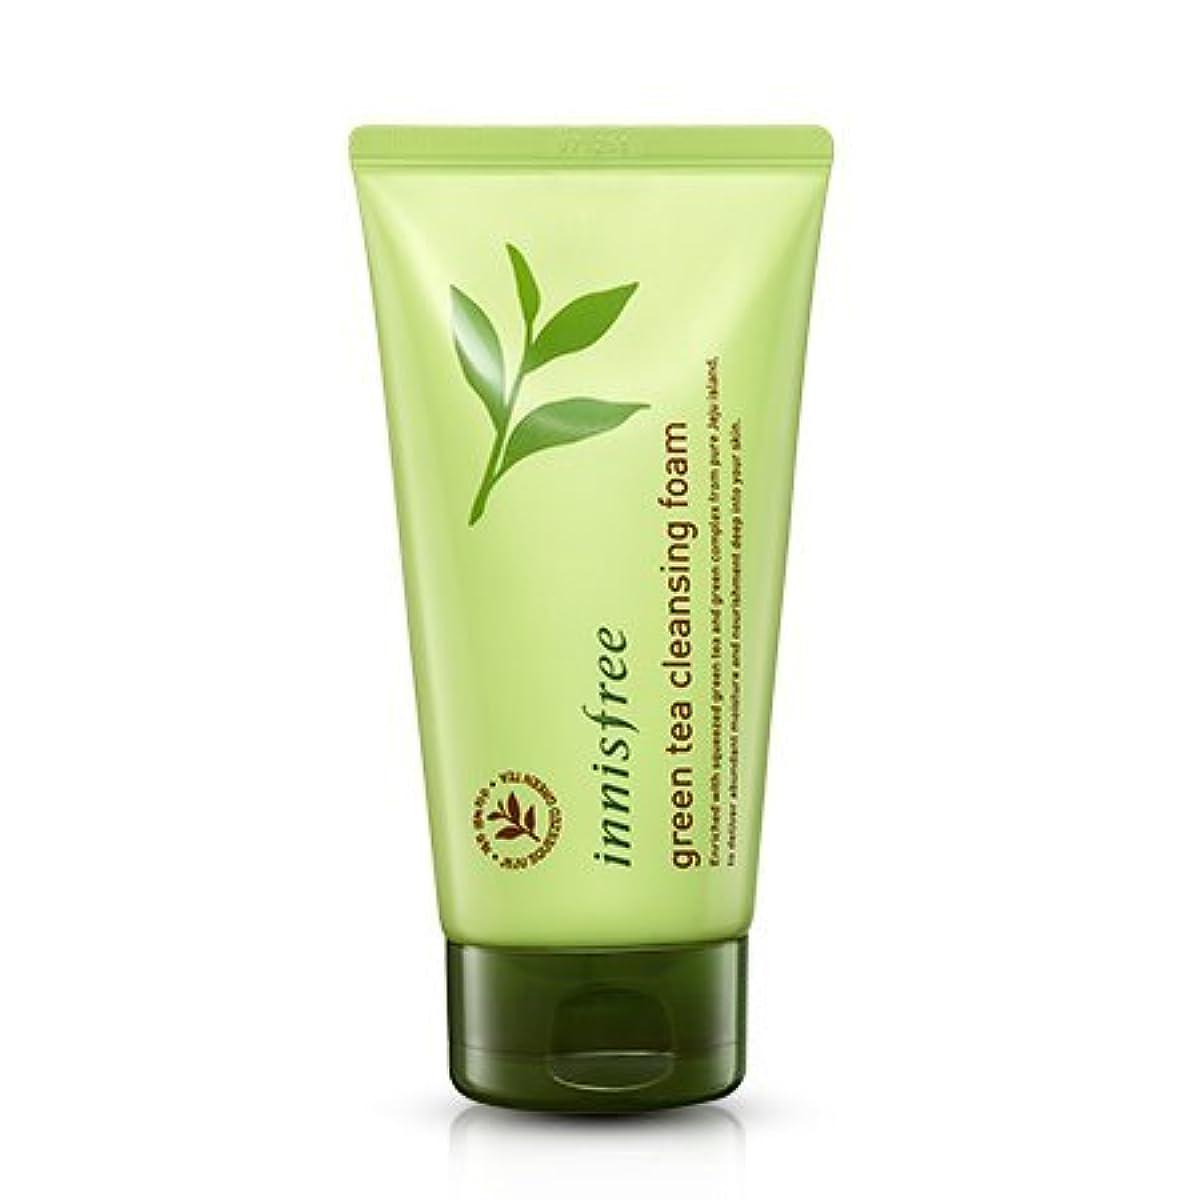 インシデント手ブレース(Innisfree イニスフリー) GREEN TEA CLEANSING FOAM グリーンティー クレンジング フォーム 洗顔フォーム 洗顔料